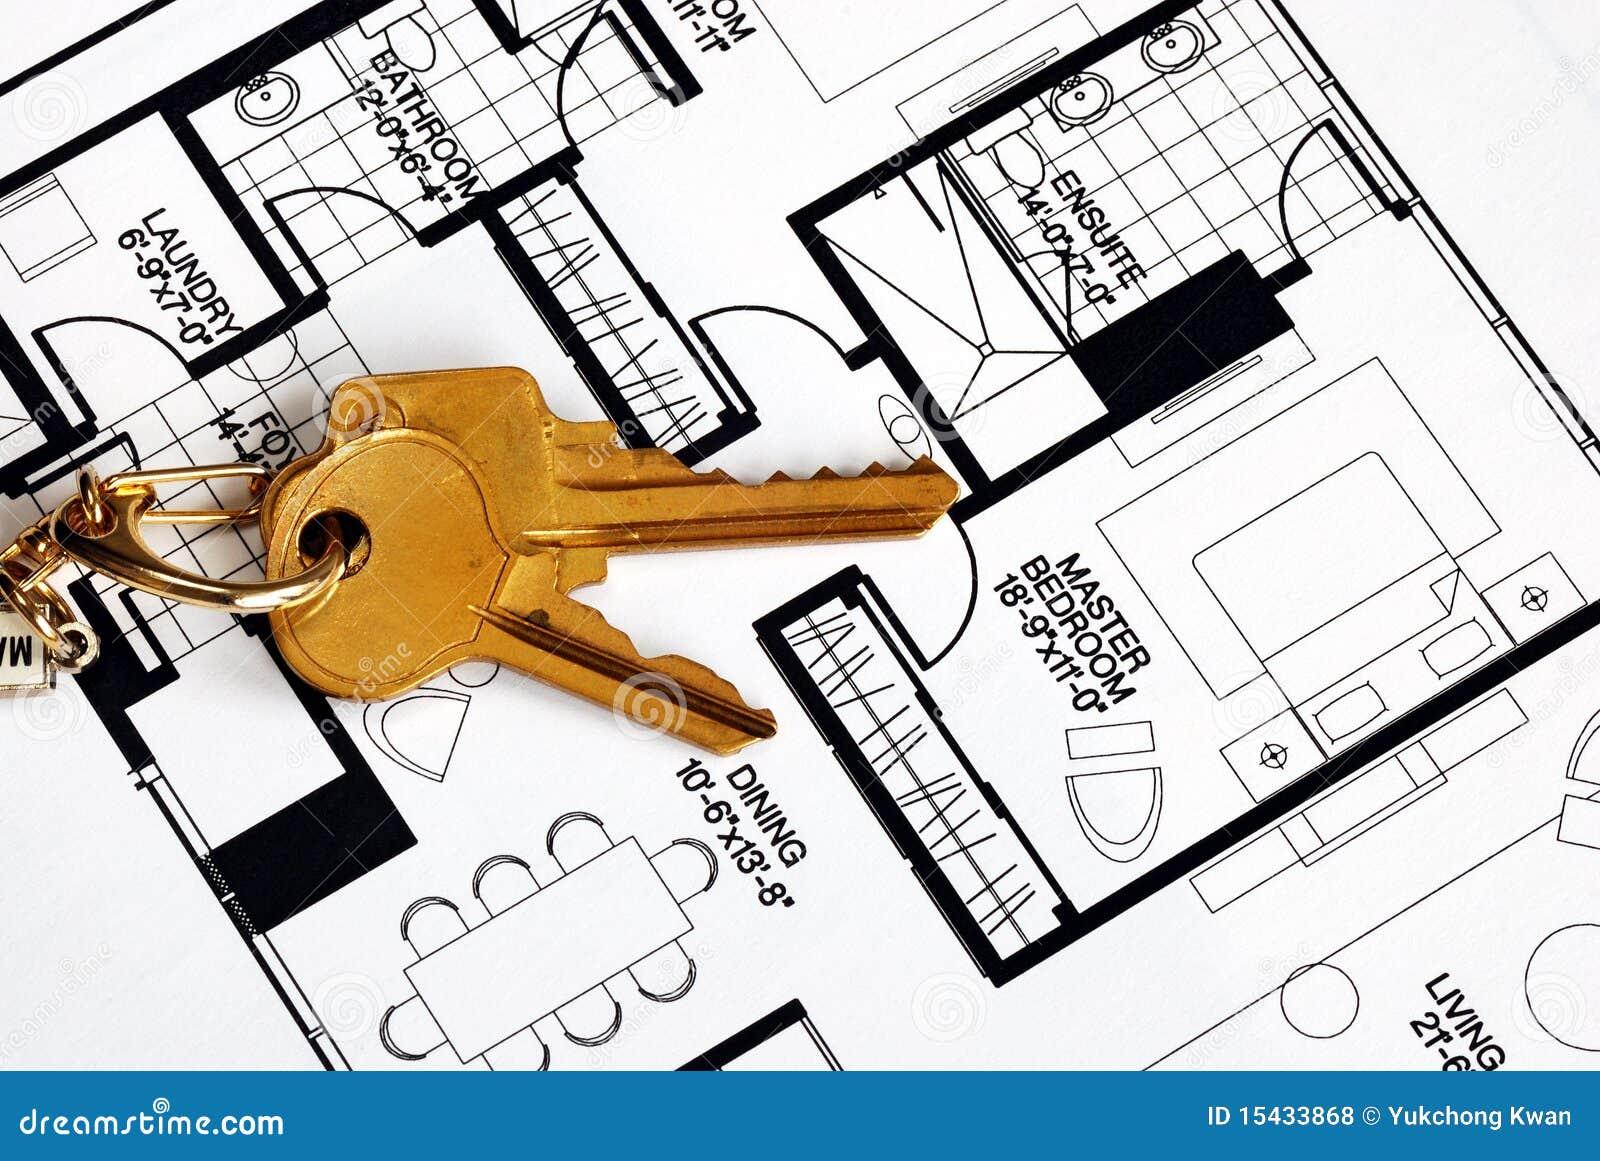 Floorplan ключи